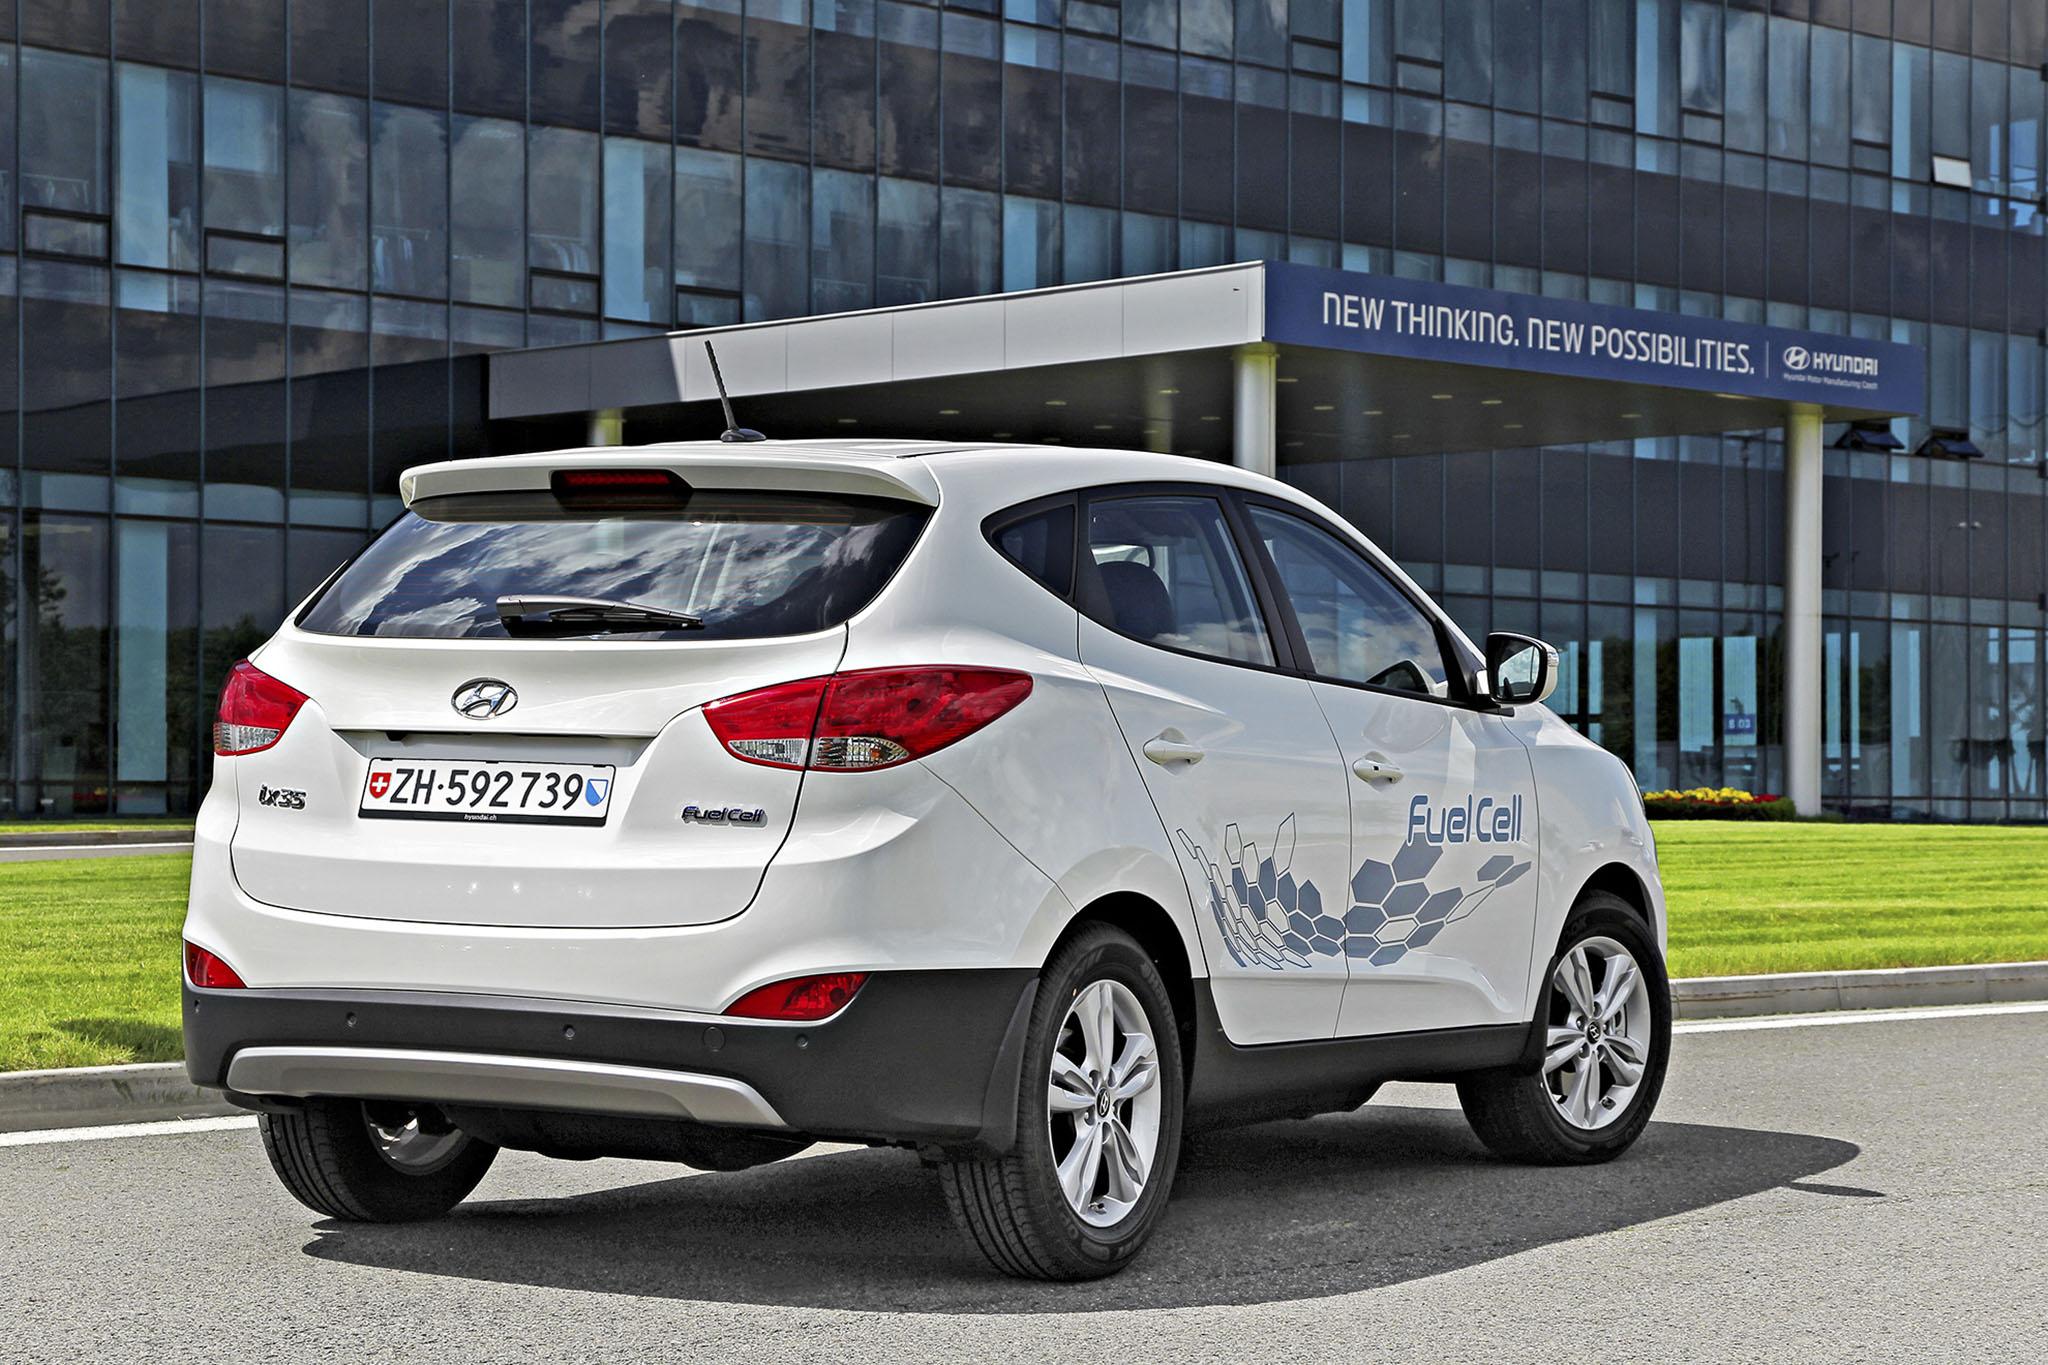 HyundaiIX35FuelCell 02